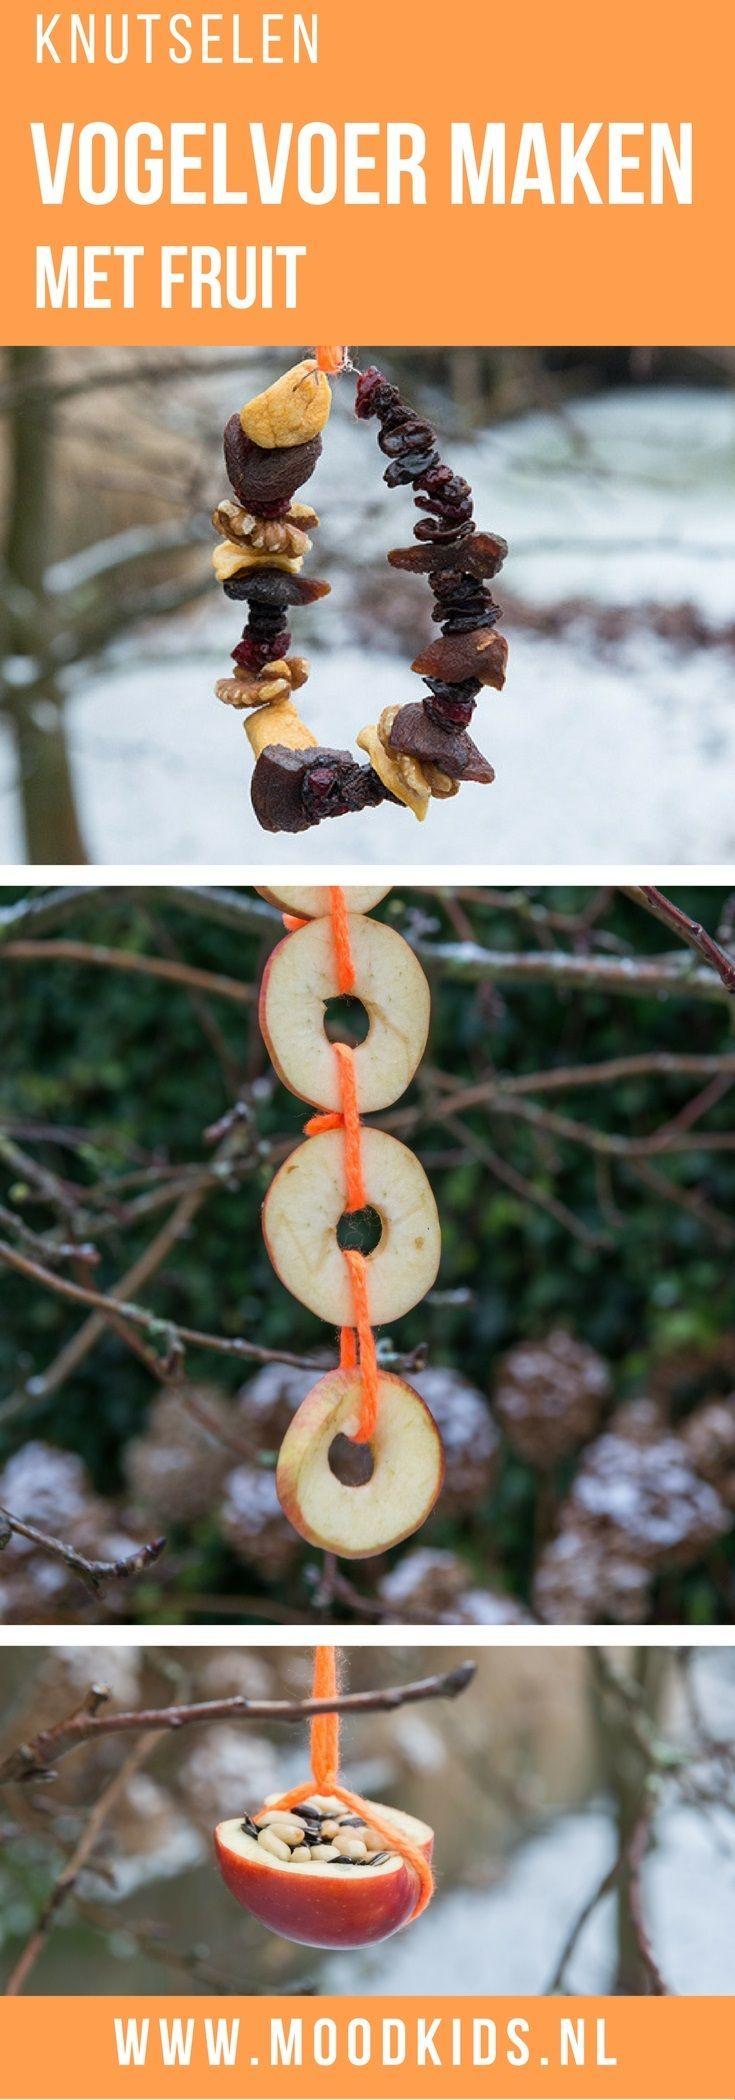 Maak samen met je kind voer voor de vogels in de tuin. Dit keer hebben we wat DIY ideetjes voor vogelvoer maken met fruit. Je leest ze hier.